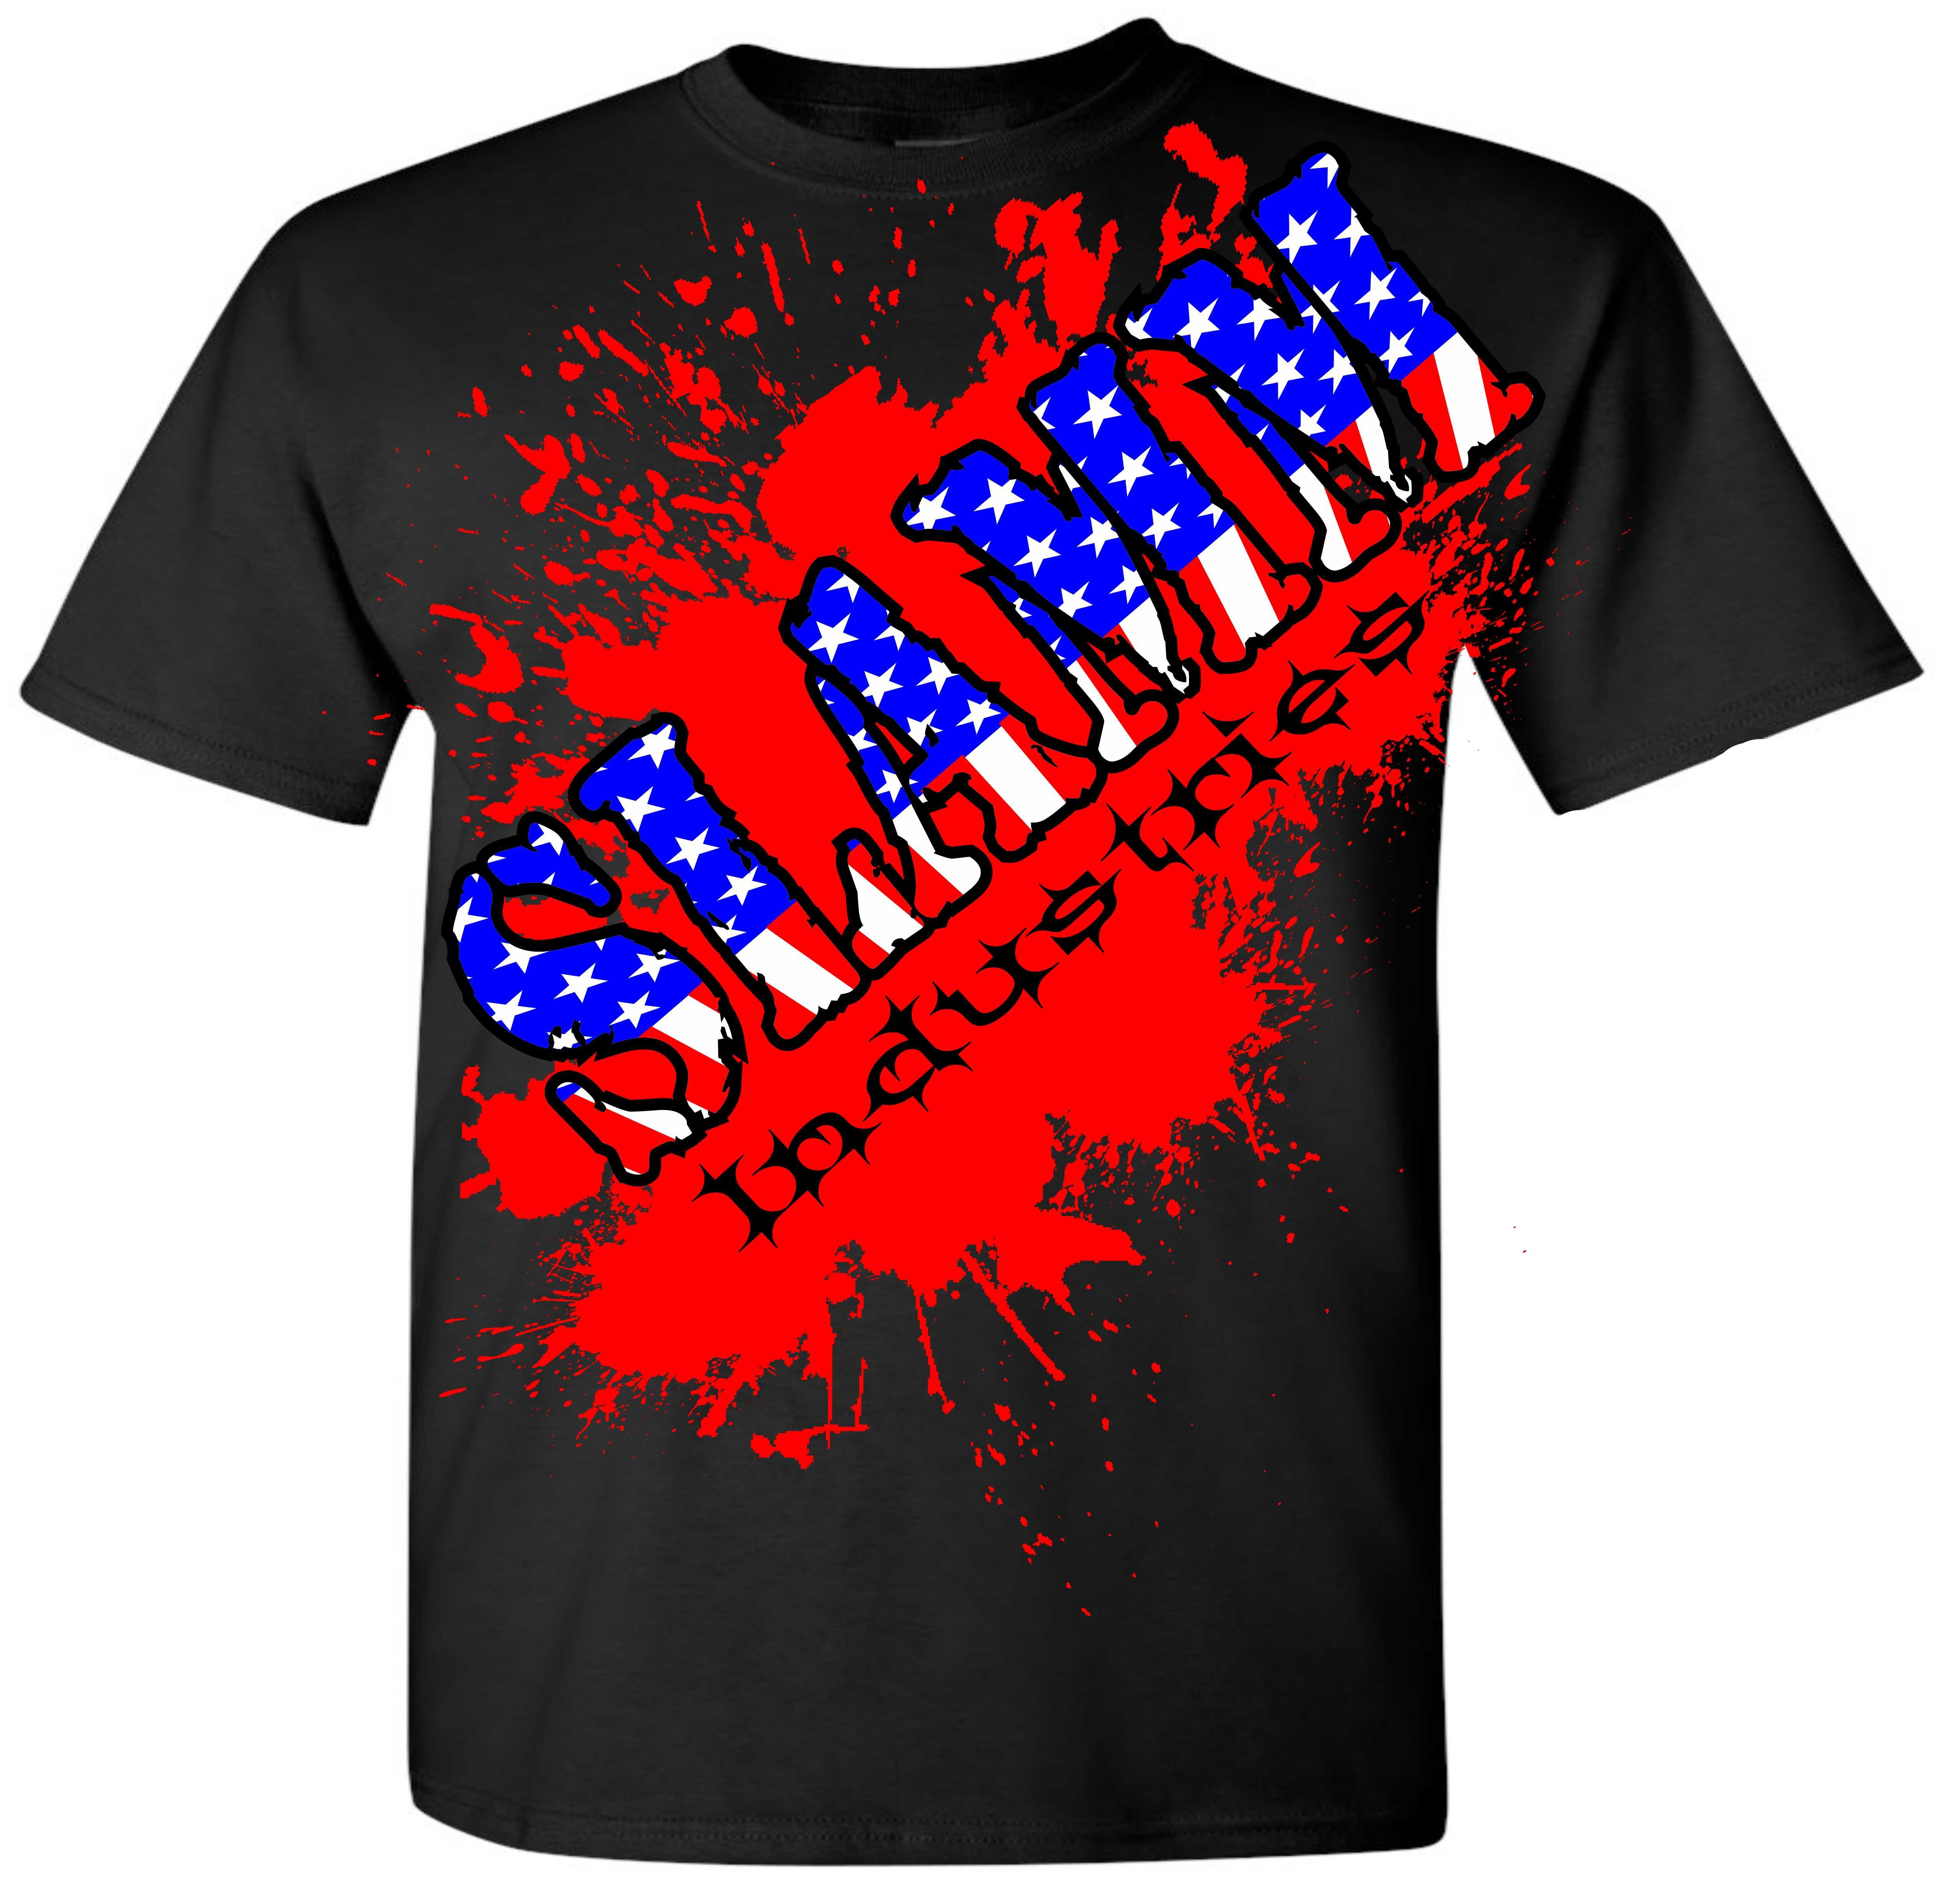 SLAMM_USA_Bl__S_I__203